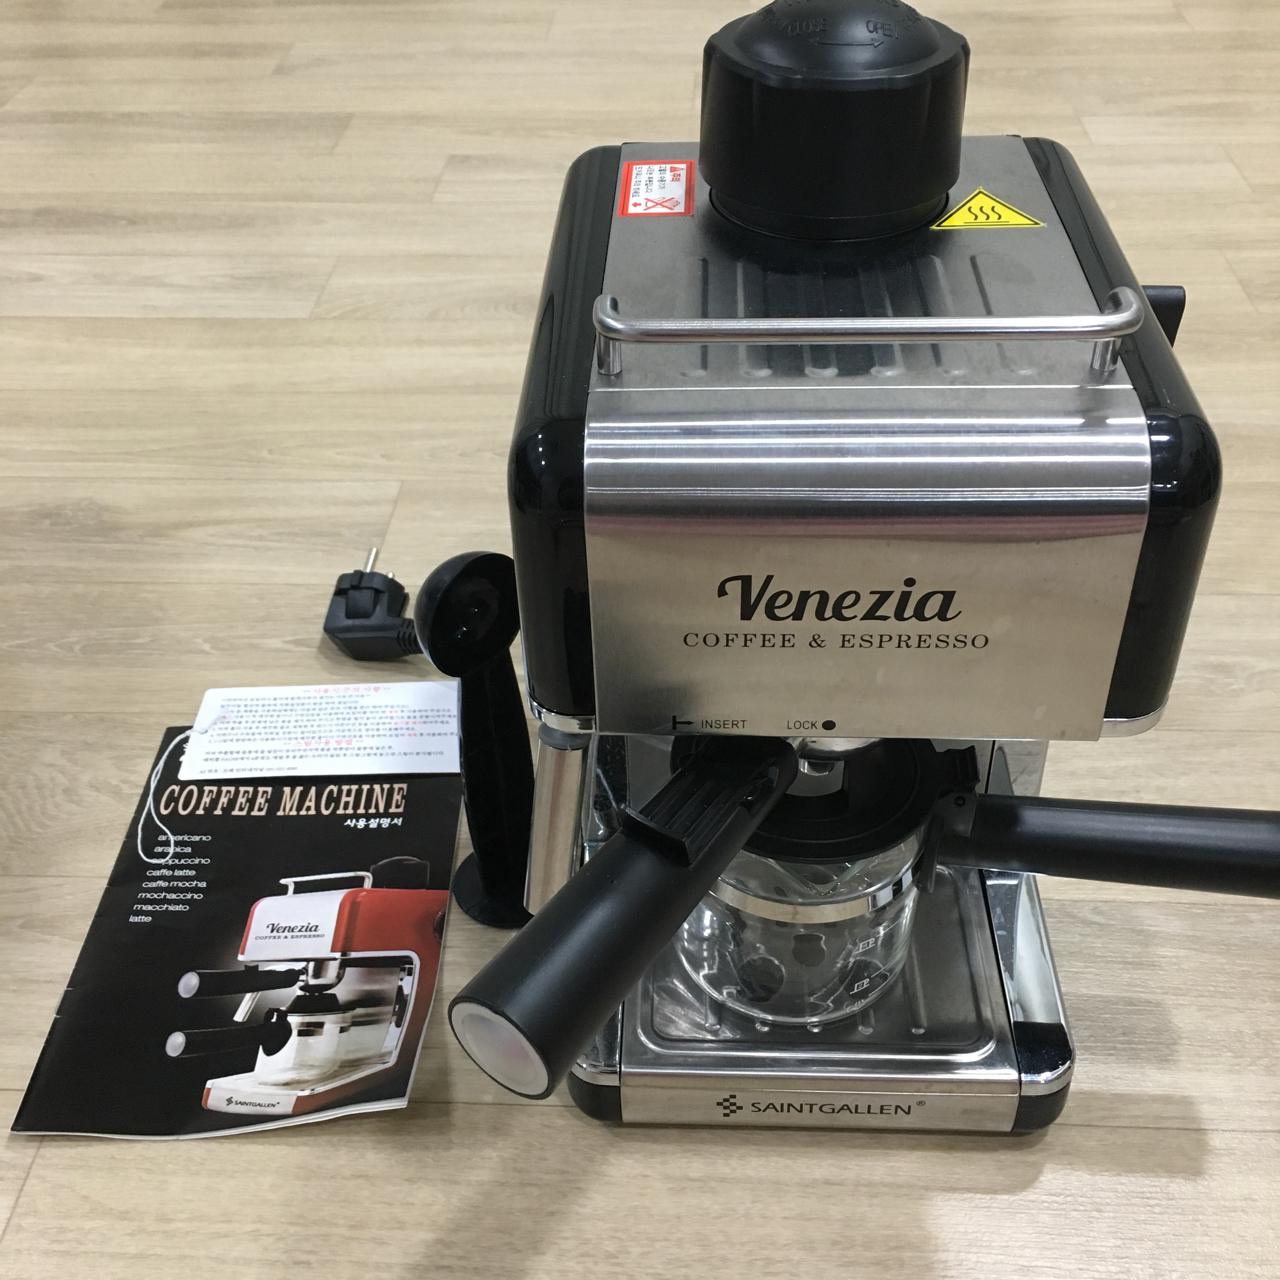 세인트갈렌 베네치아 에스프레소 커피머신